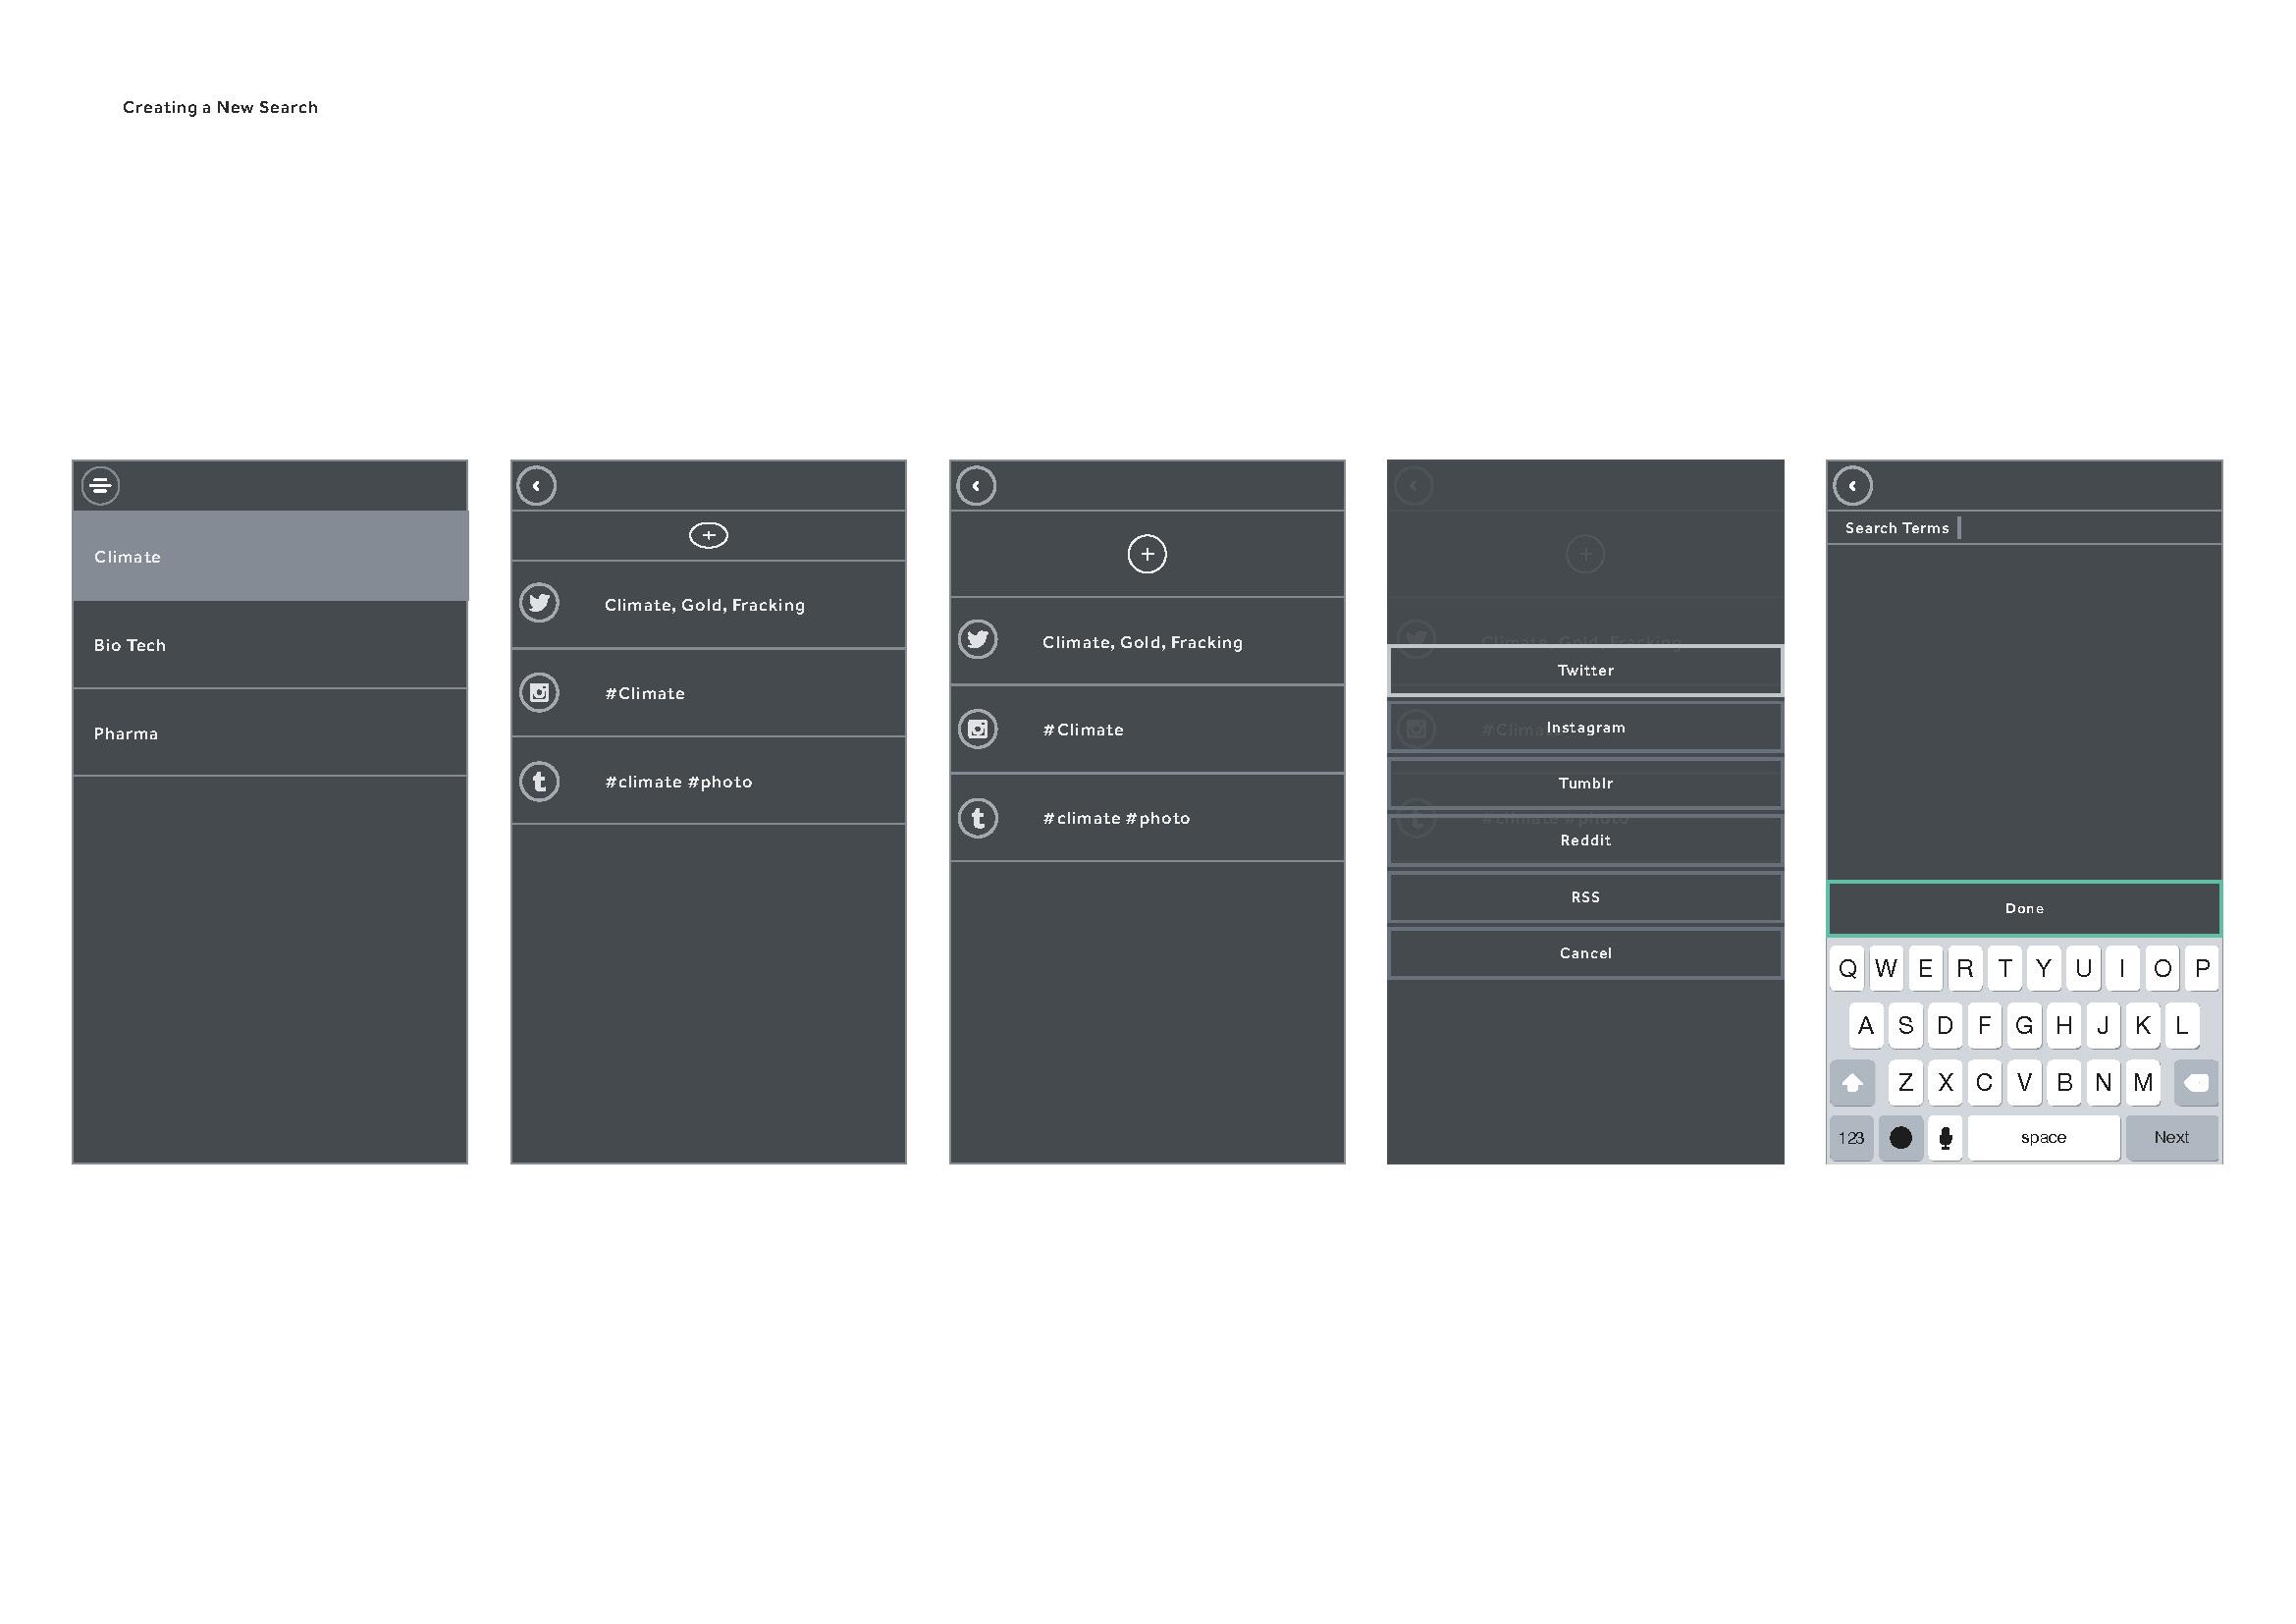 MobileSonrv1.1.3-2_Page_3.jpg